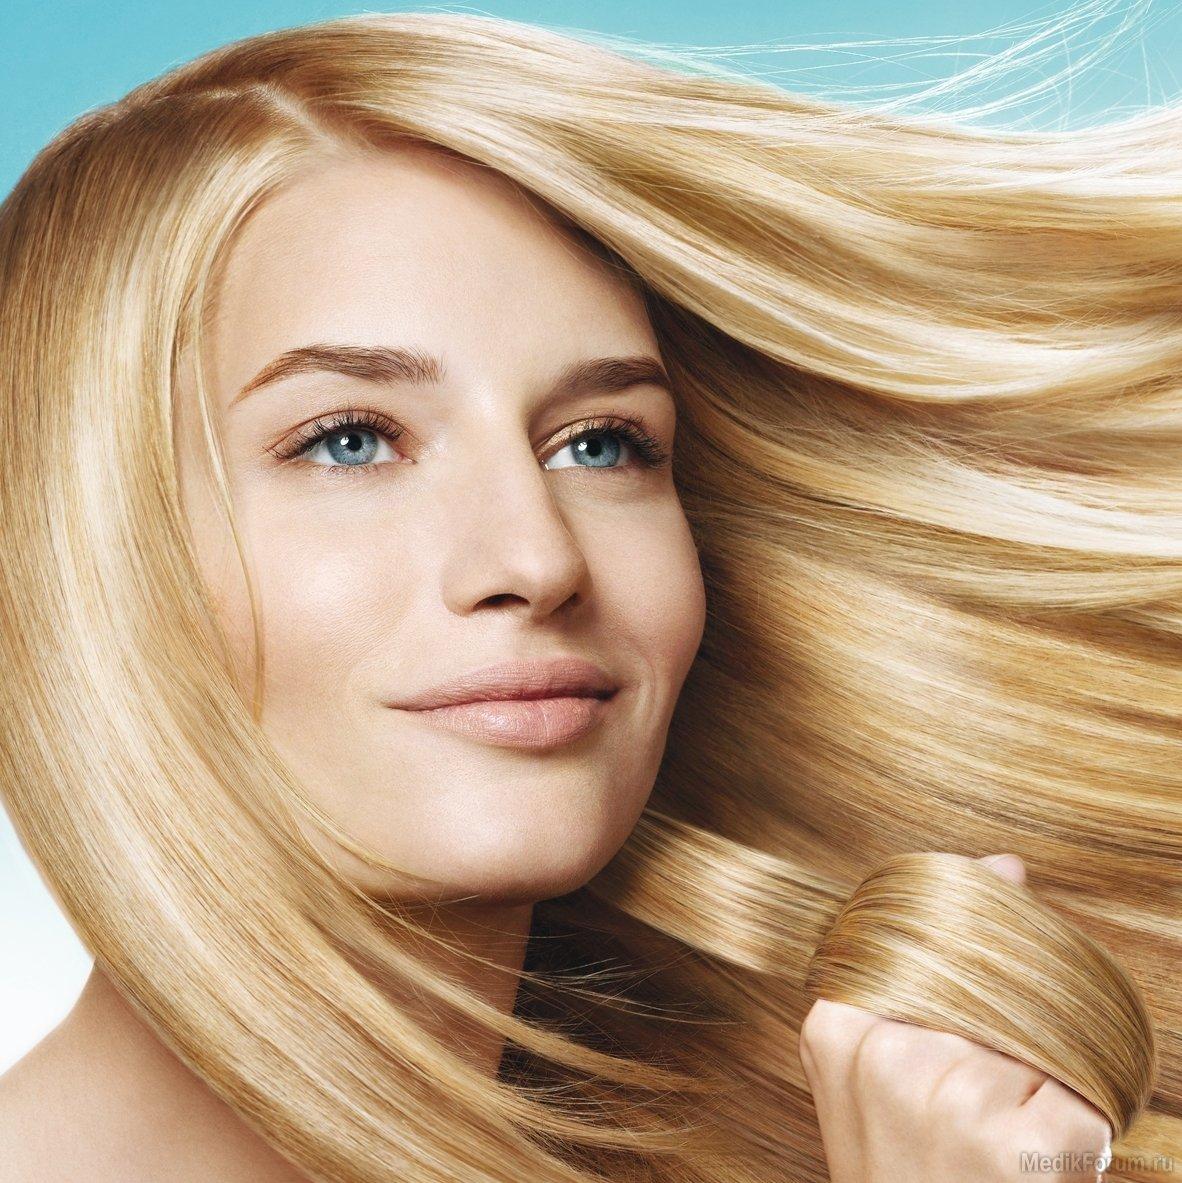 Обесцвечивание волос: как обесцветить в домашних